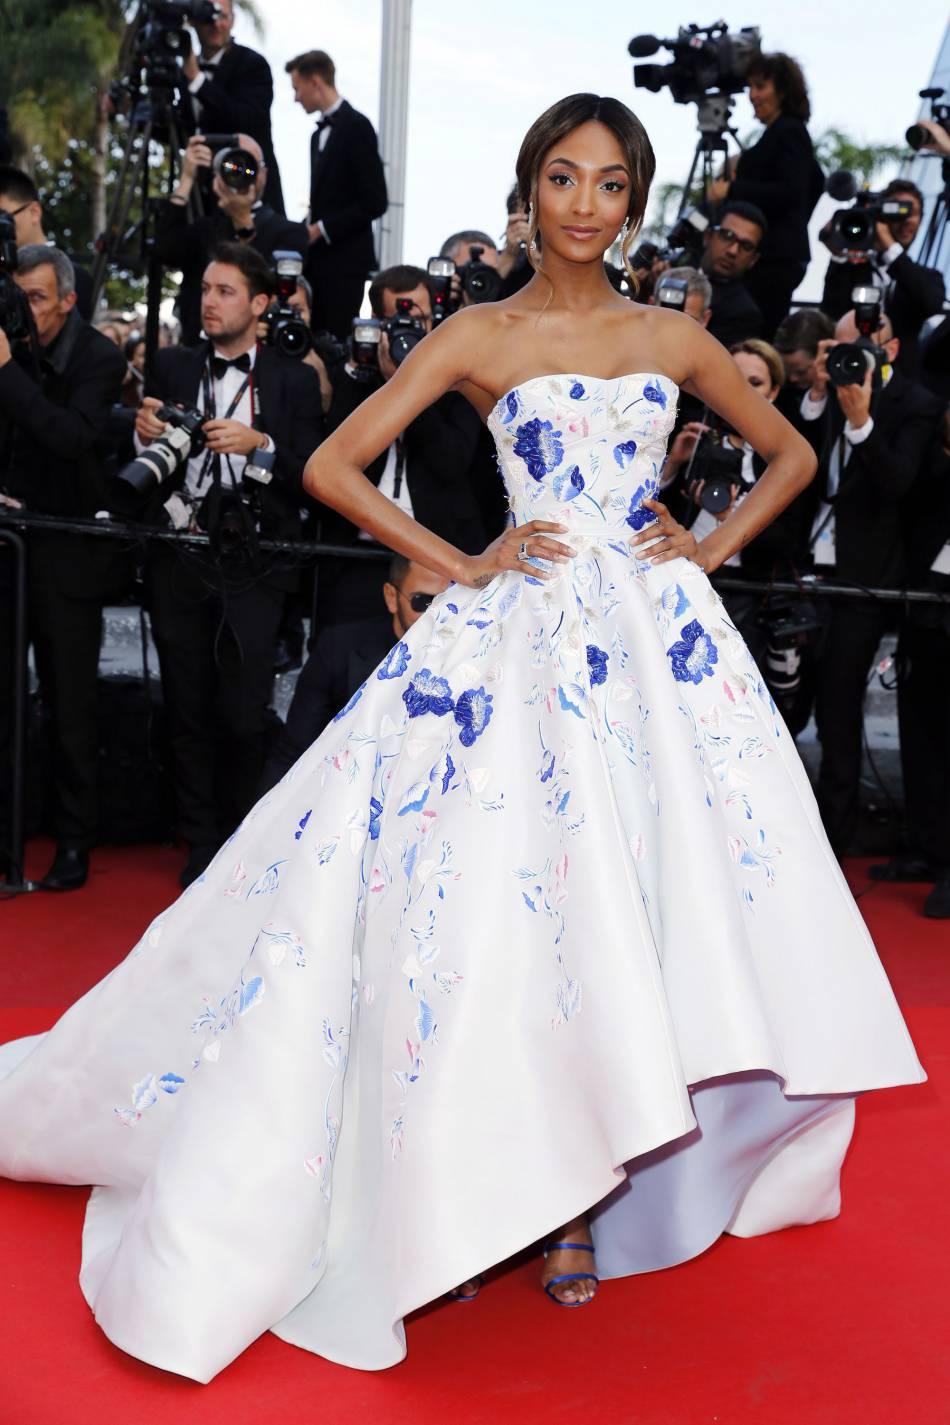 Cannes 2016 : Jourdan Dunn, princesse du tapis rouge en Ralph & Russo Couture printemps-été 2016.